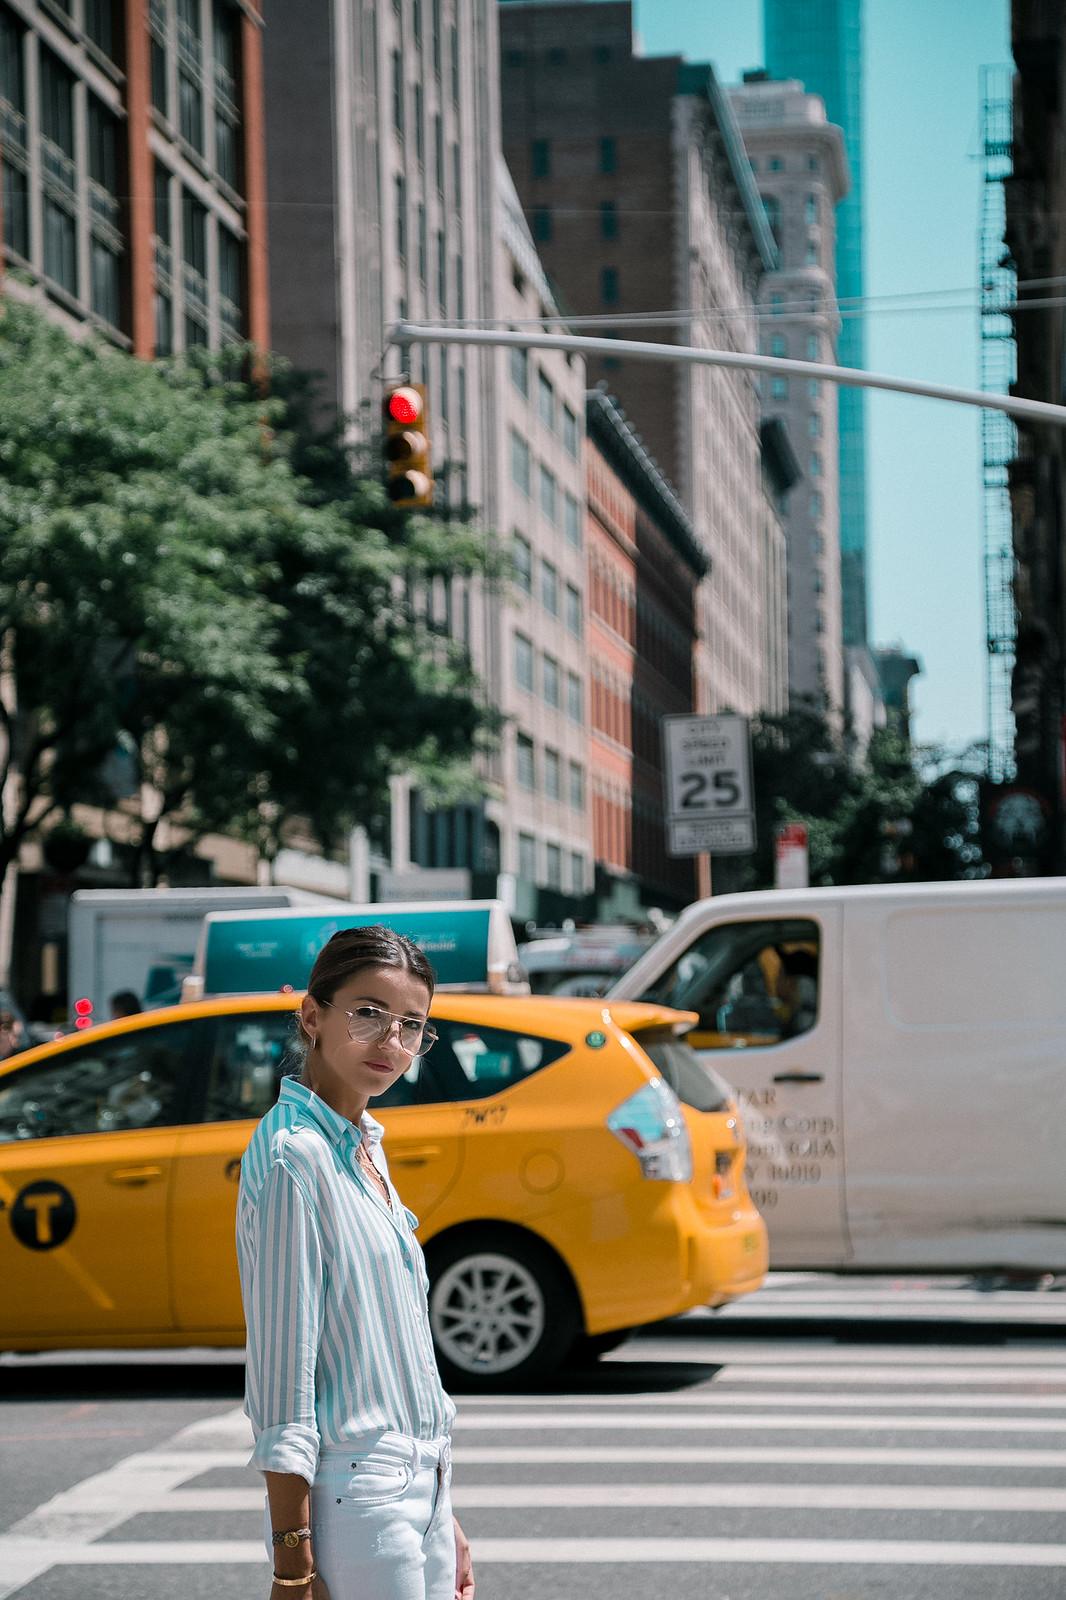 NYC2-15